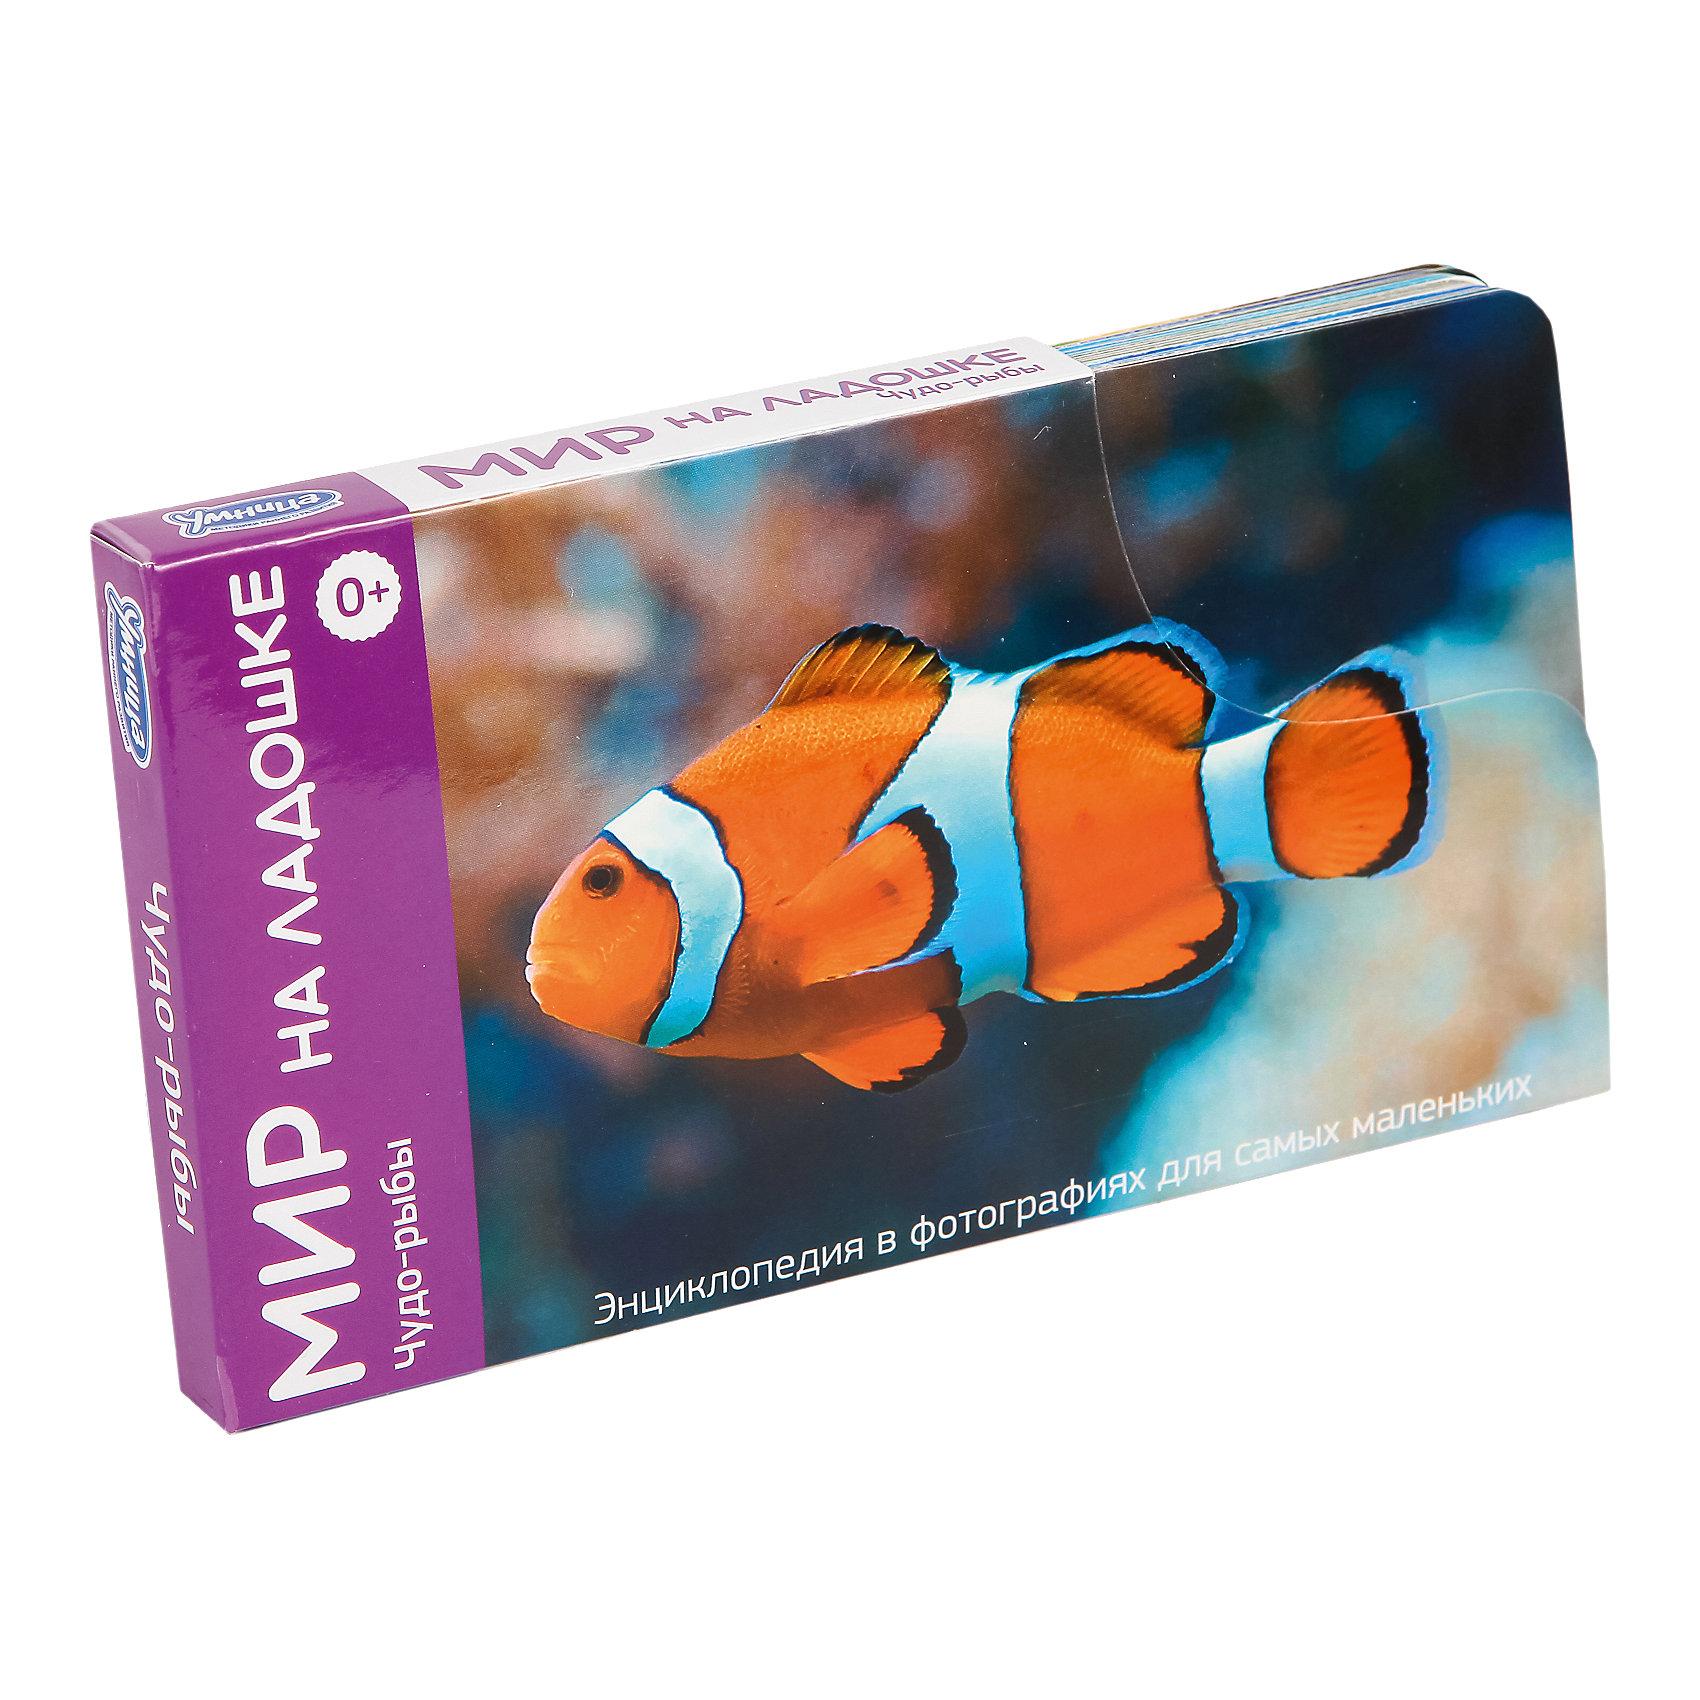 Мир на ладошке Чудо-рыбы (выпуск 5)Обучающие карточки<br>Мир на ладошке Чудо-рыбы – тематические карточки с интересной информацией о мире.<br>Каждая тематическая карточка помогает ребенку развить внимание, логику, эрудицию, воображение, образное мышление, интеллект, память и многое другое. Ребенок сможет узнавать слова, которые раньше не слышал, получить ответы на самые интересные вопросы и массу удовольствие от знаний, приобретенных с помощью игры. Тема данного набора: рыбы. В комплекте 24 карточки с изображение и текстом, а также карточка с инструкцией для родителей.<br><br>Дополнительная информация:<br><br>- в наборе: 24 карточки<br><br>Мир на ладошке Чудо-рыбы можно купить в нашем интернет магазине.<br><br>Ширина мм: 100<br>Глубина мм: 15<br>Высота мм: 180<br>Вес г: 190<br>Возраст от месяцев: 0<br>Возраст до месяцев: 84<br>Пол: Унисекс<br>Возраст: Детский<br>SKU: 4993621